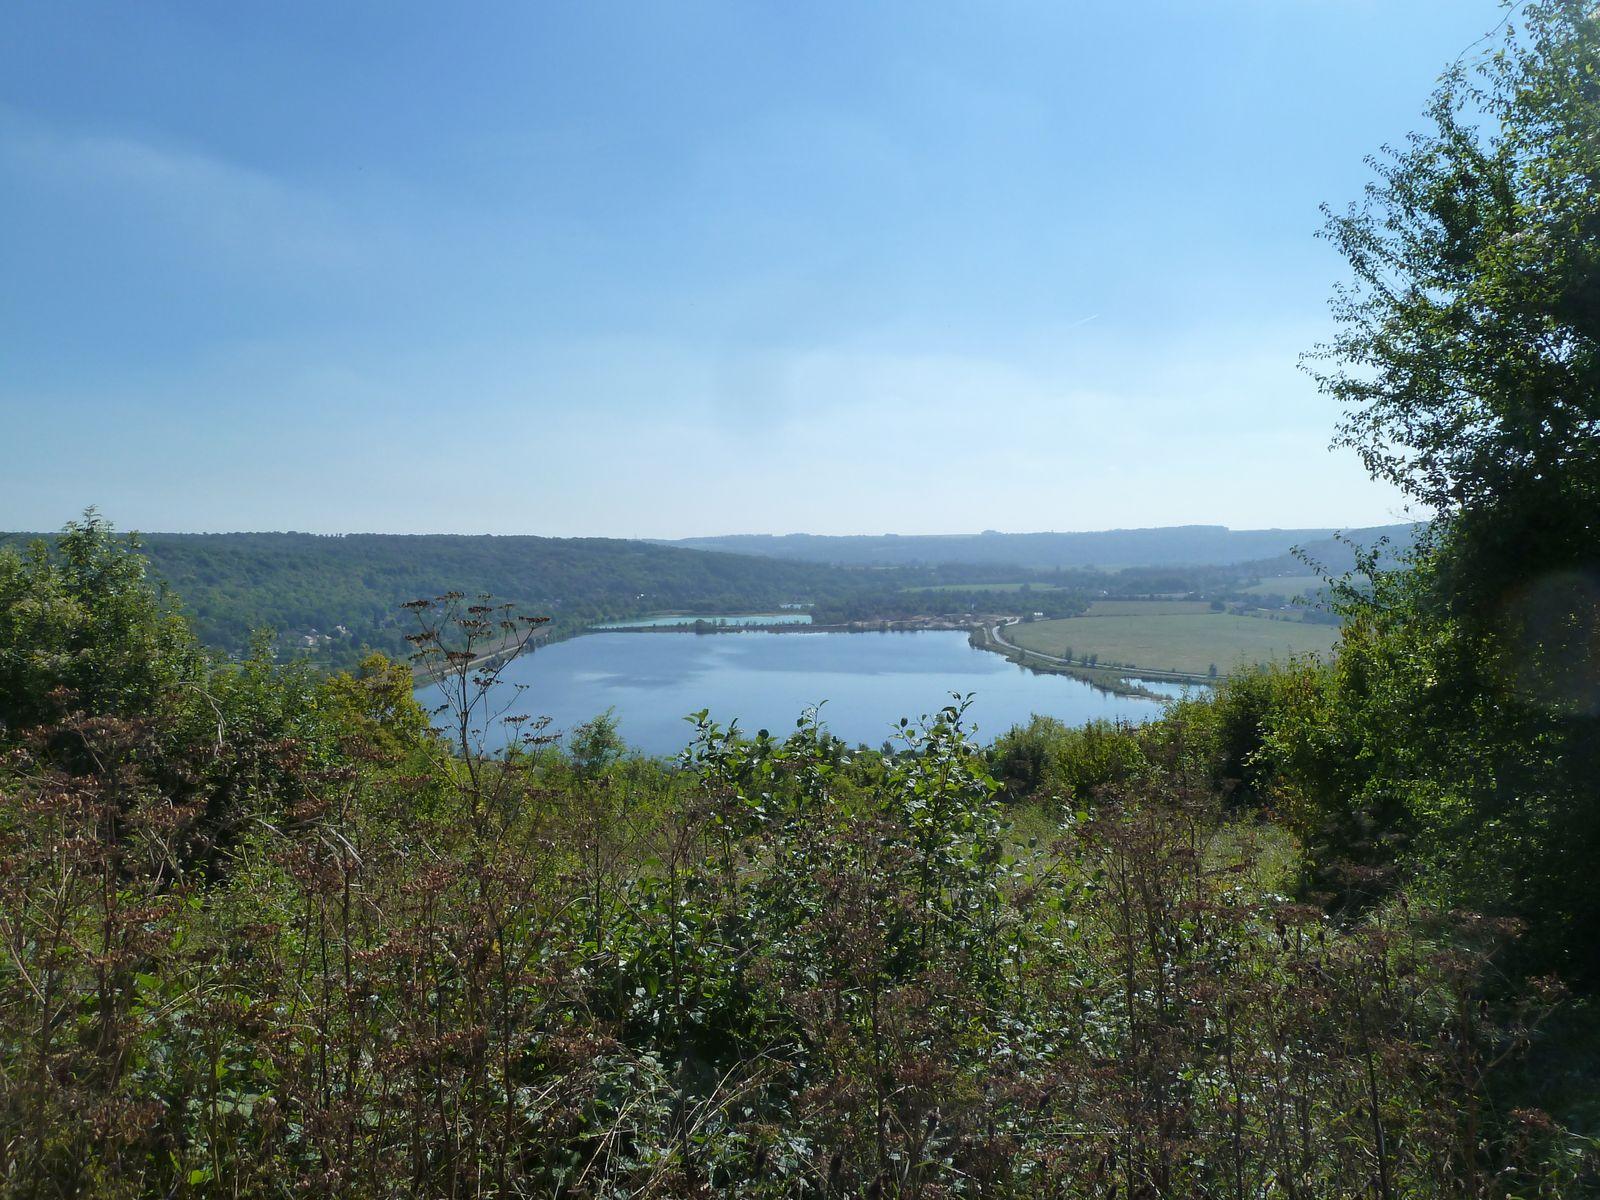 Après une belle grimpette.. pas une montagne... nous découvrons un endroit magnifique qui surplombe un méandre de la Marne et un étang nommé Les Dessous de Messy, formé par une sablière.